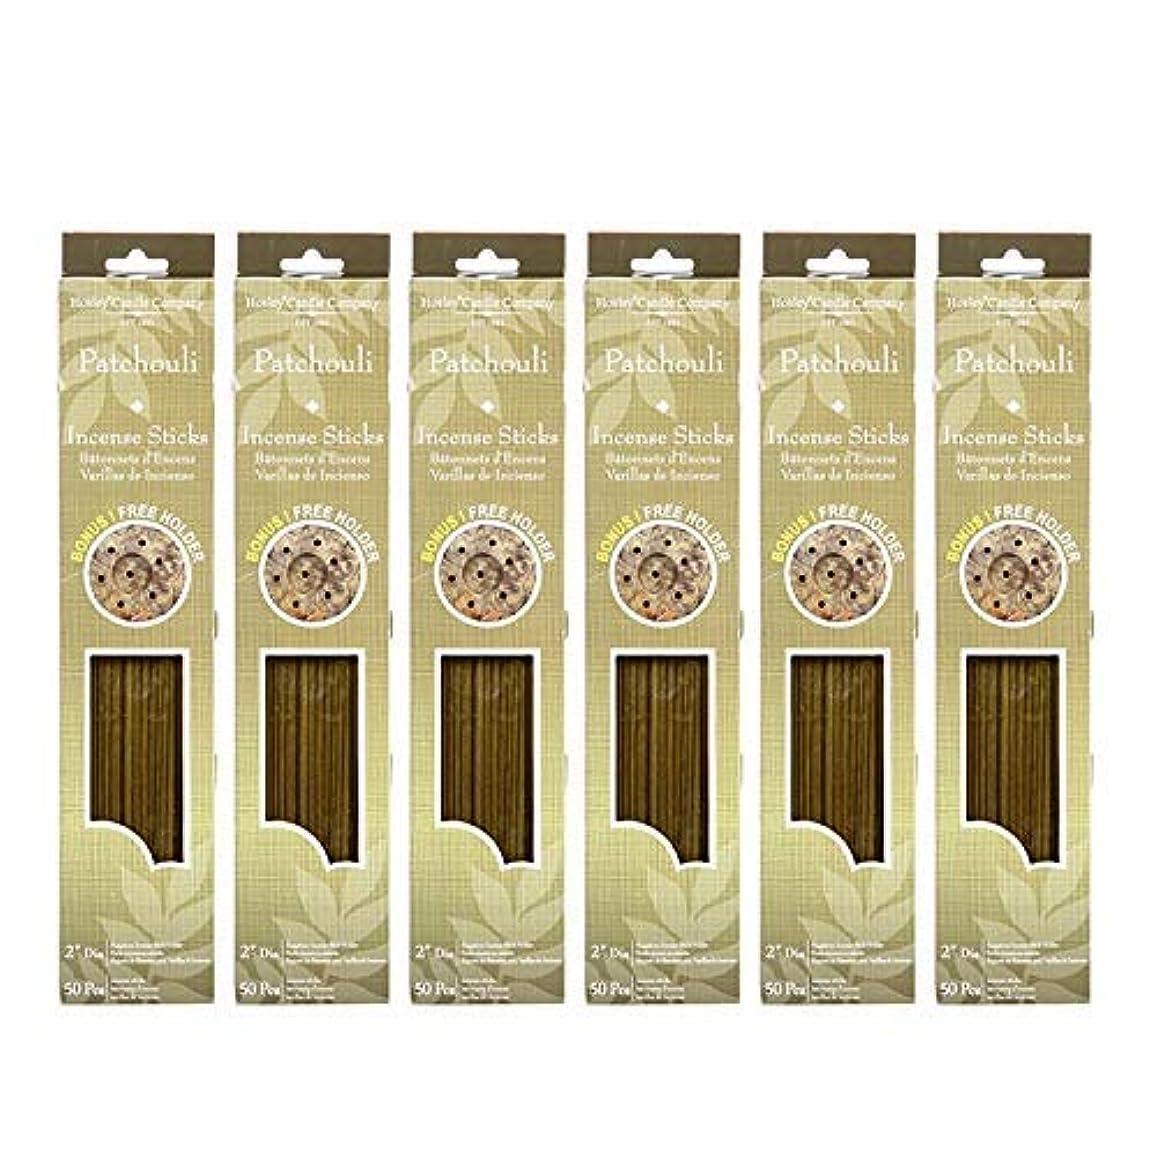 東方アクティビティ夕食を作るHosley 300 Incense Sticks /約300 gm。パチュリHighly Fragranced Incense withボーナスホルダー。手Fragranced、Infused with Essential...